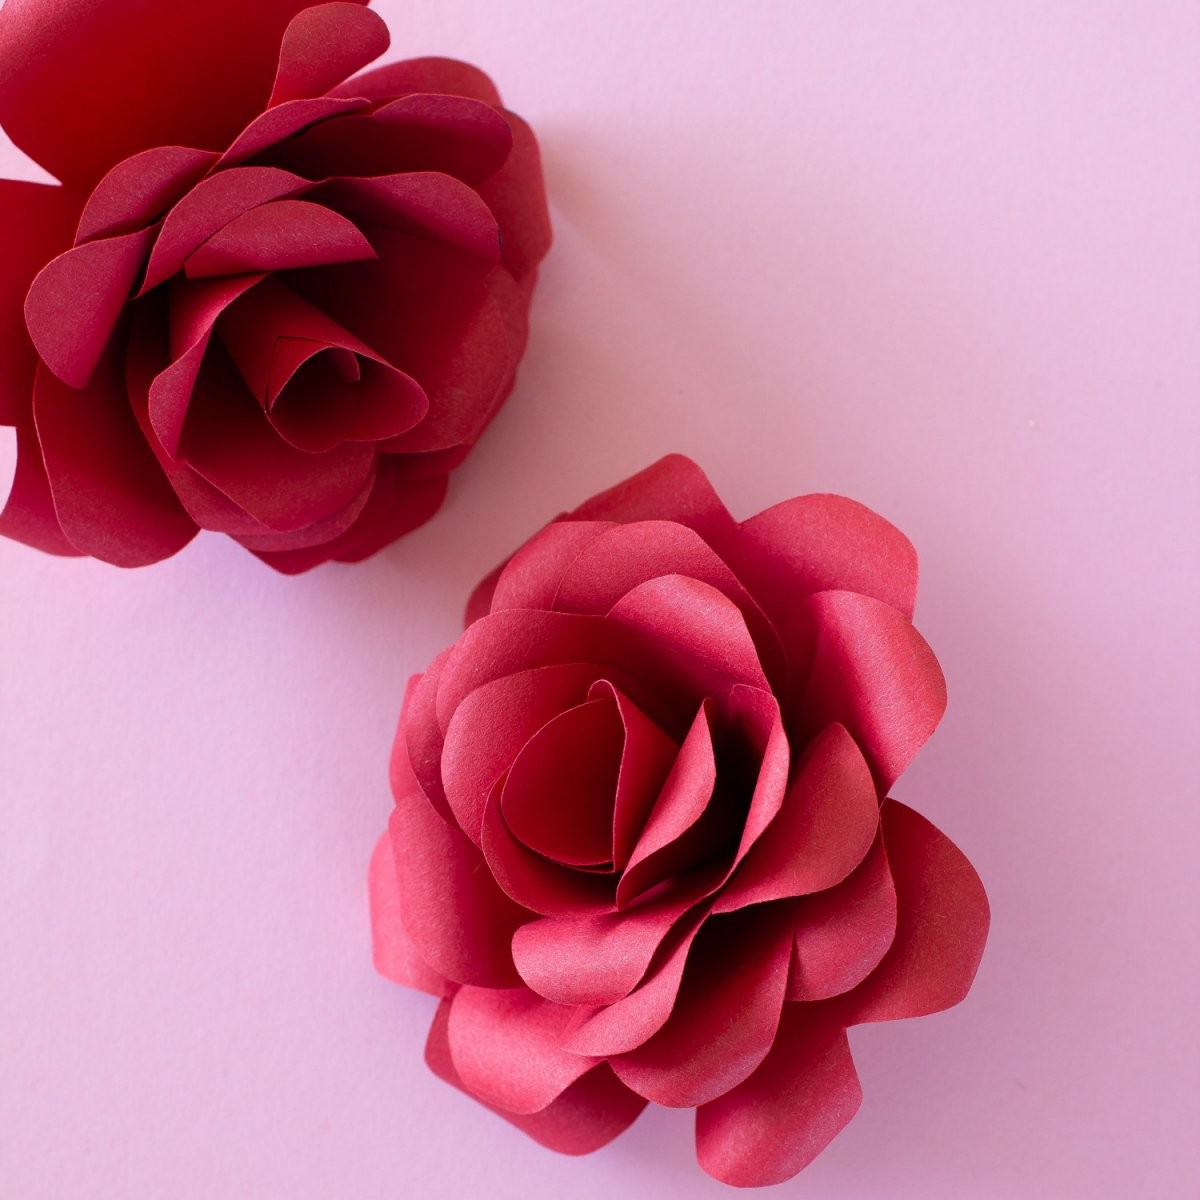 Rosen Basteln Als Nachhaltige Geschenkidee  Papershape von Rose Basteln Papier Anleitung Bild